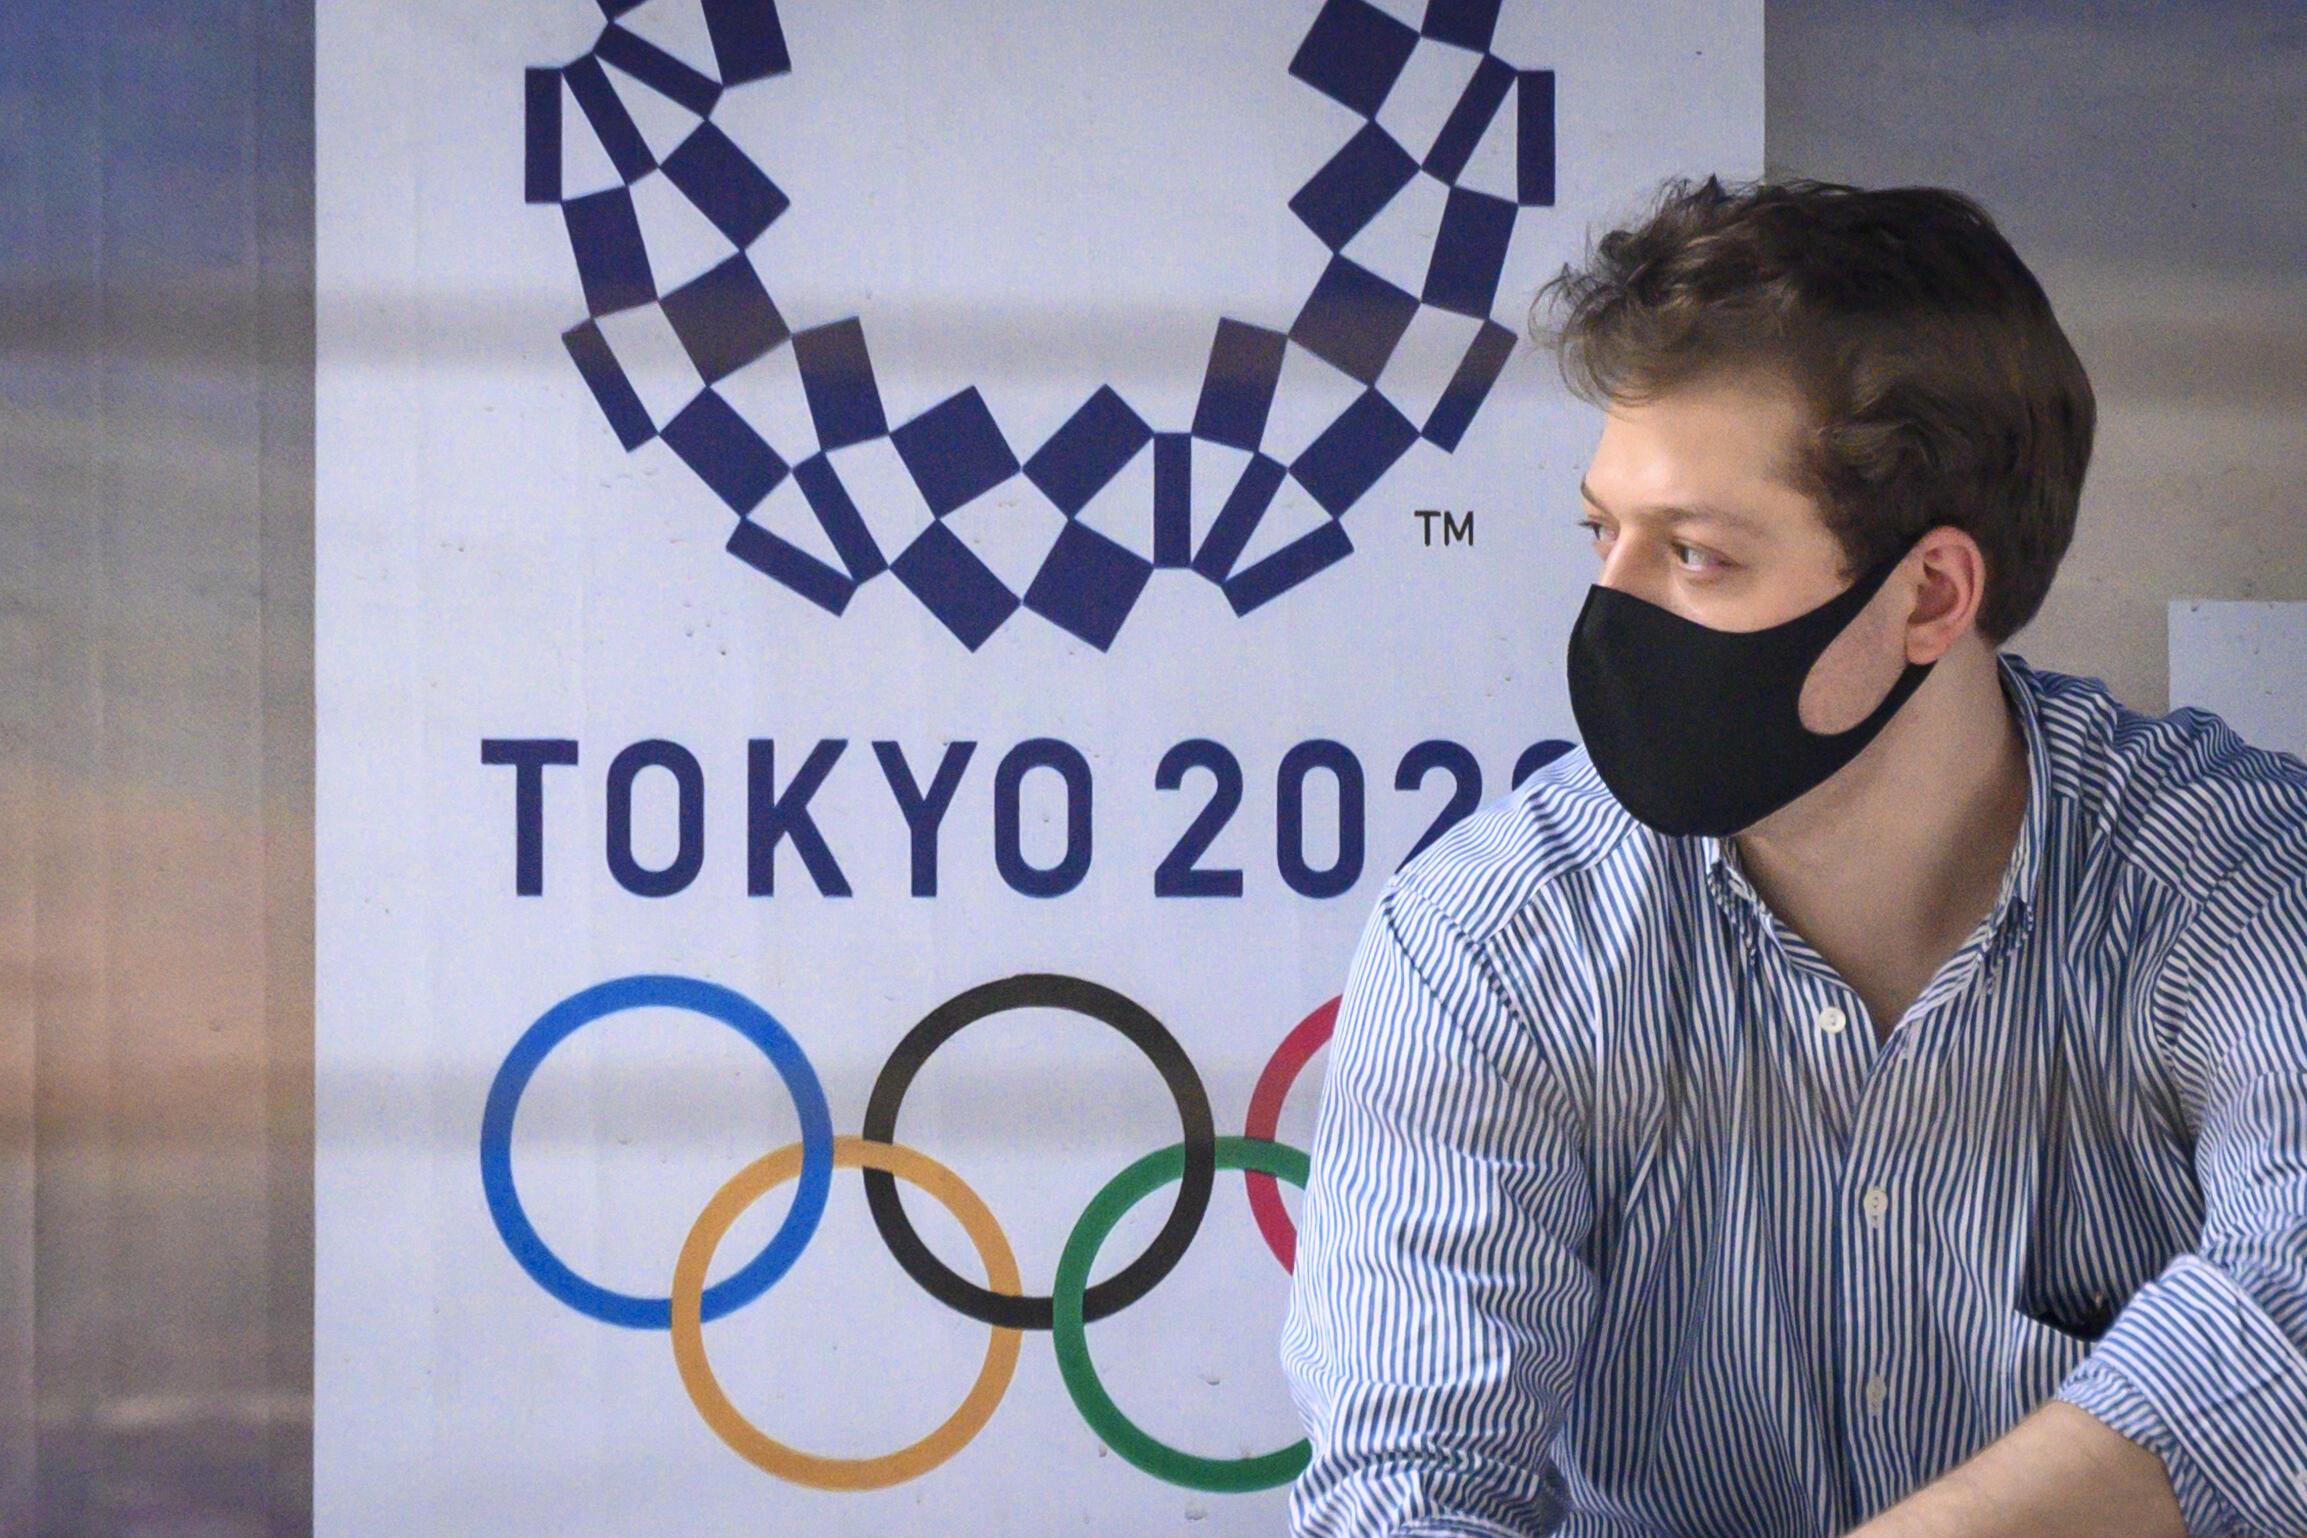 Japan is under increasing pressure to postpone the Games